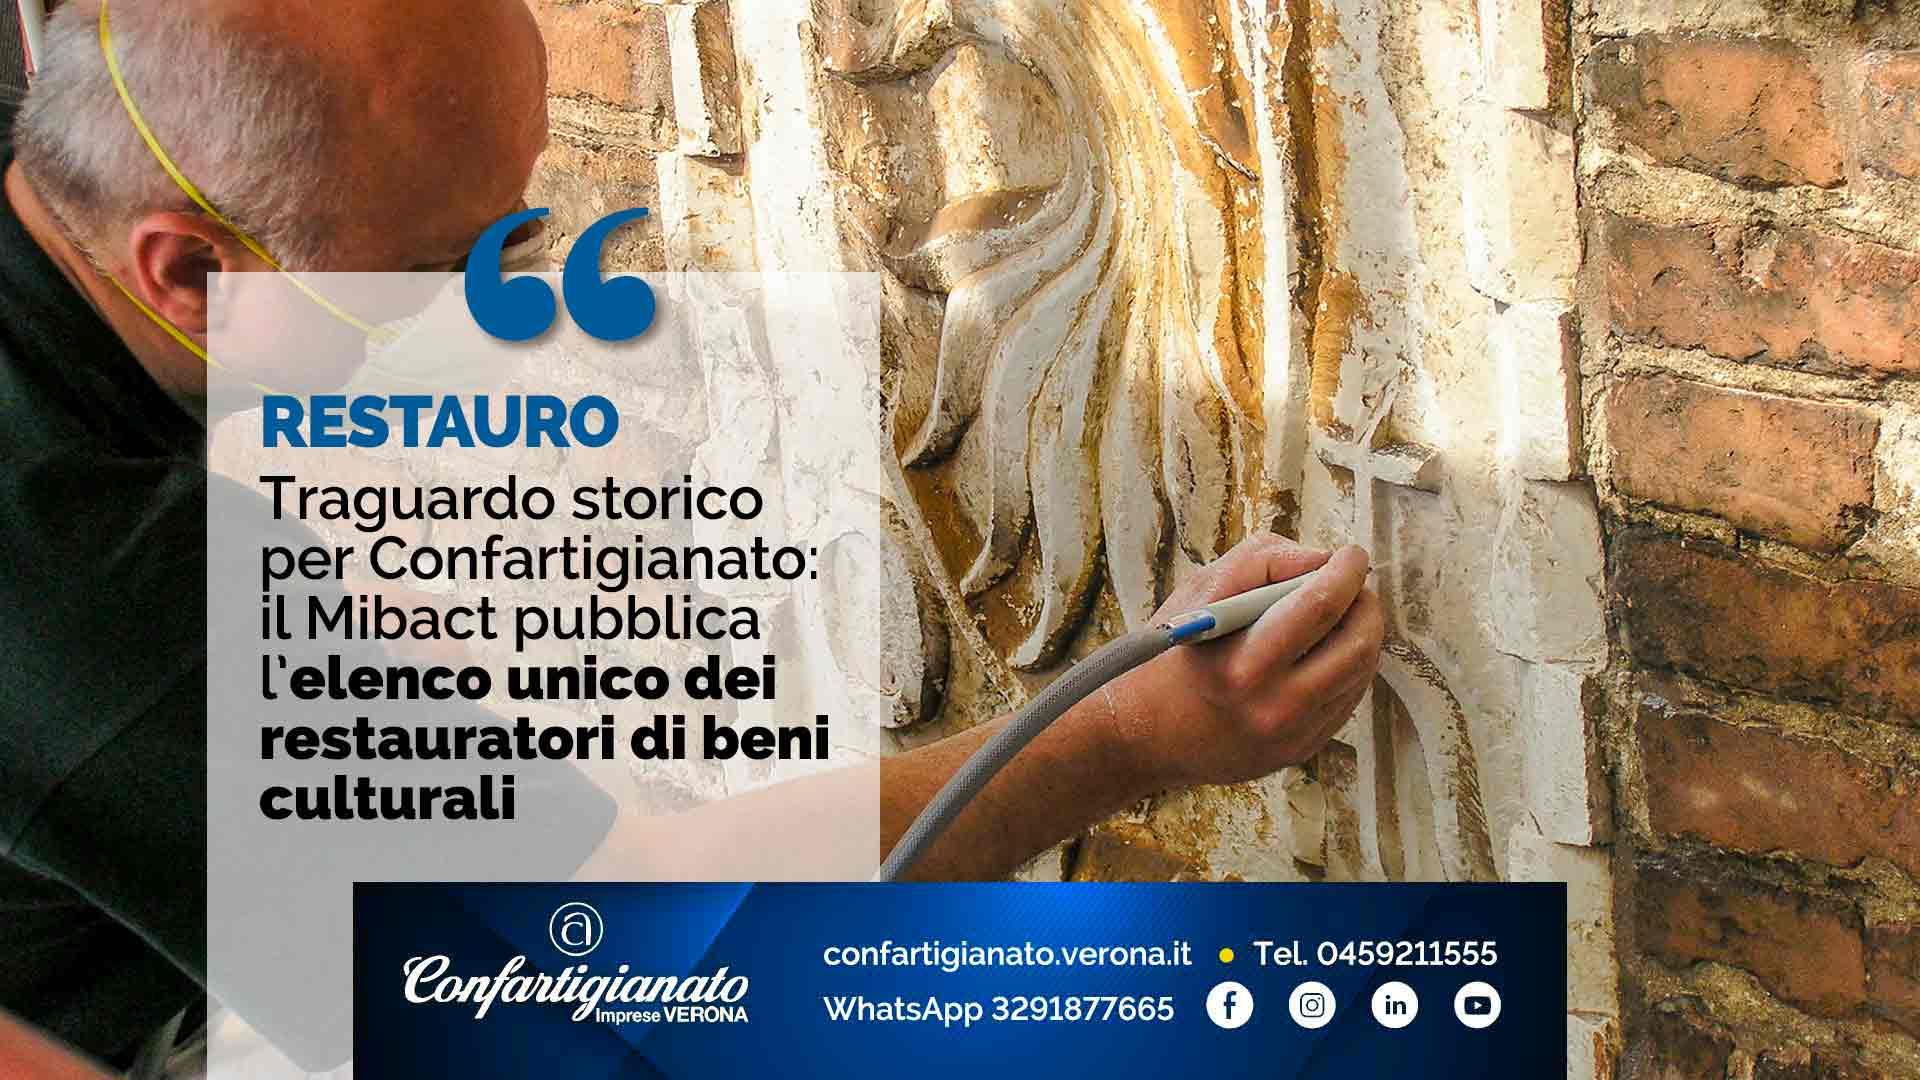 RESTAURO – Traguardo storico per Confartigianato: il Mibact pubblica l'elenco unico dei restauratori di beni culturali